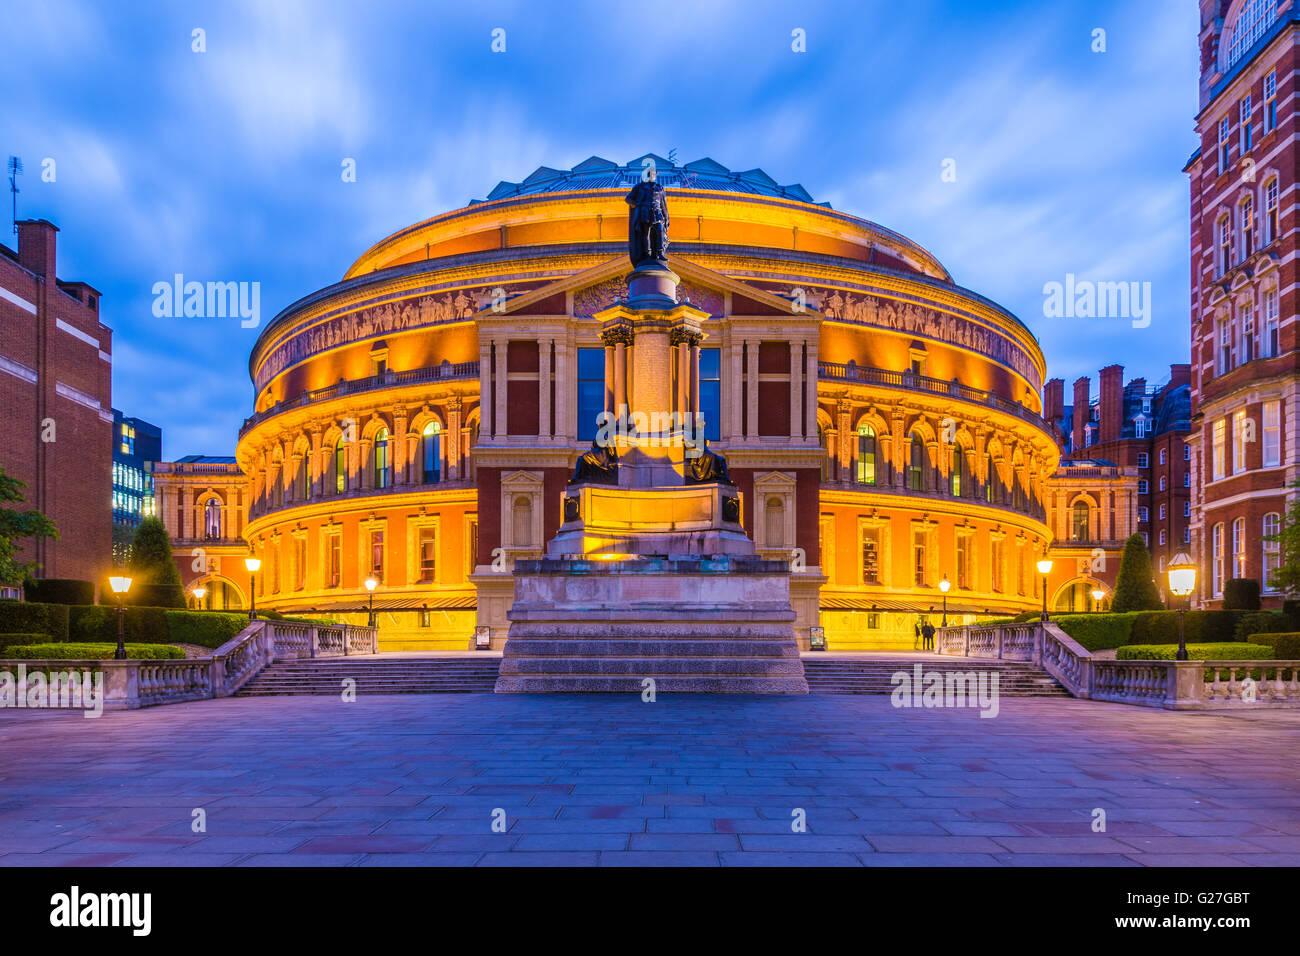 Illuminata Royal Albert Hall di Londra, Inghilterra, Regno Unito durante la notte Immagini Stock